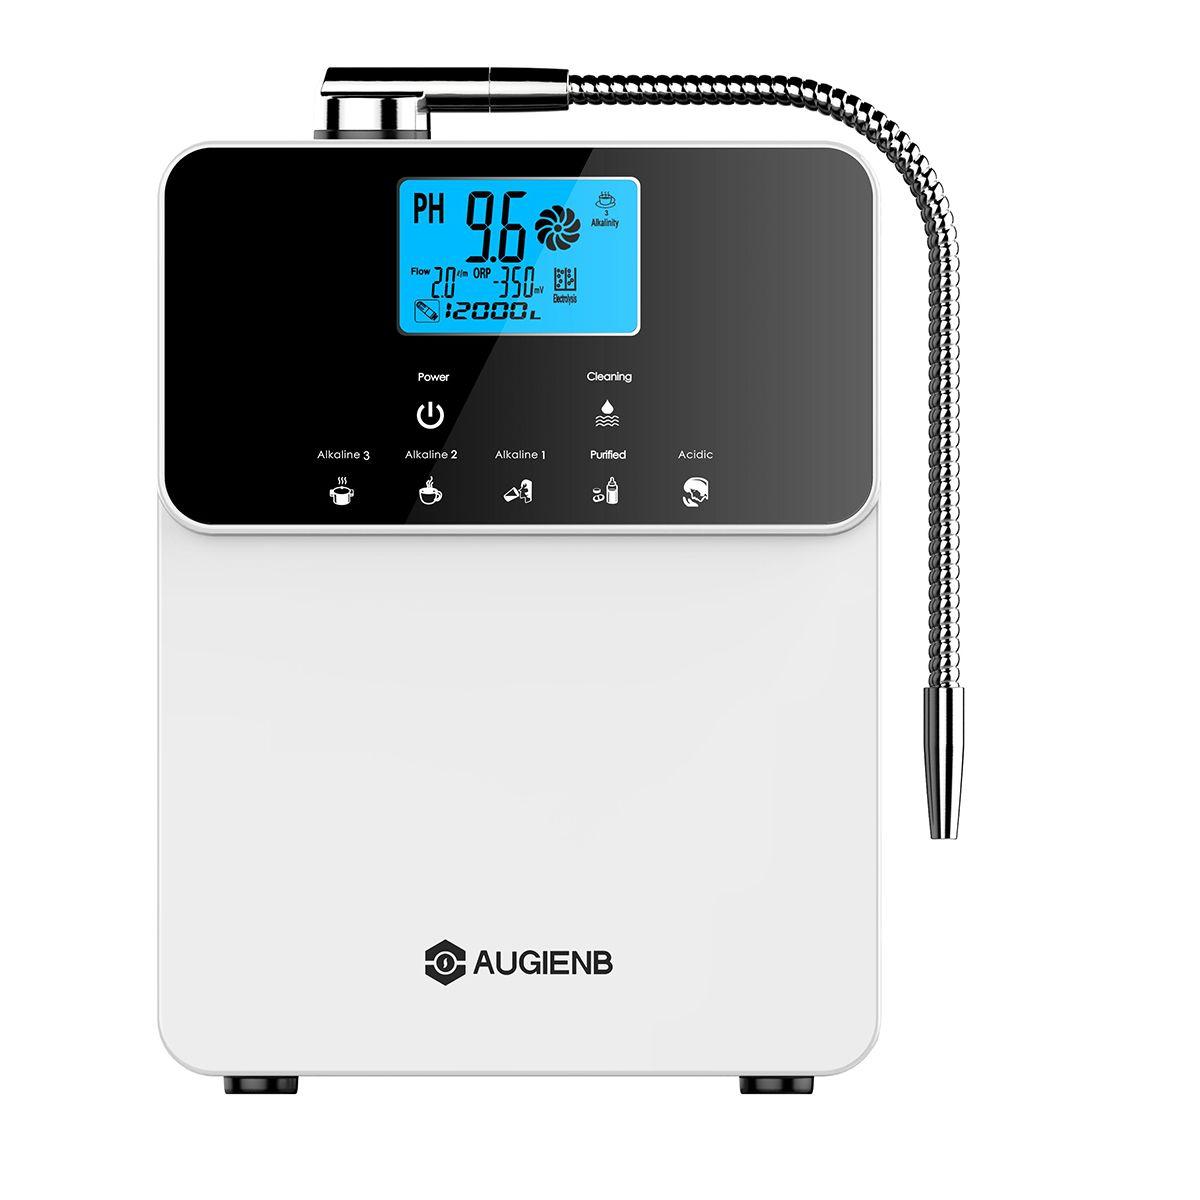 Augienb 12000L Wasser Ionisator Reiniger Maschine PH3.5-11 Einstellen Alkalische Säure 5 Modus Einstellungen Auto-Reinigung LCD Touch Wasser Filter